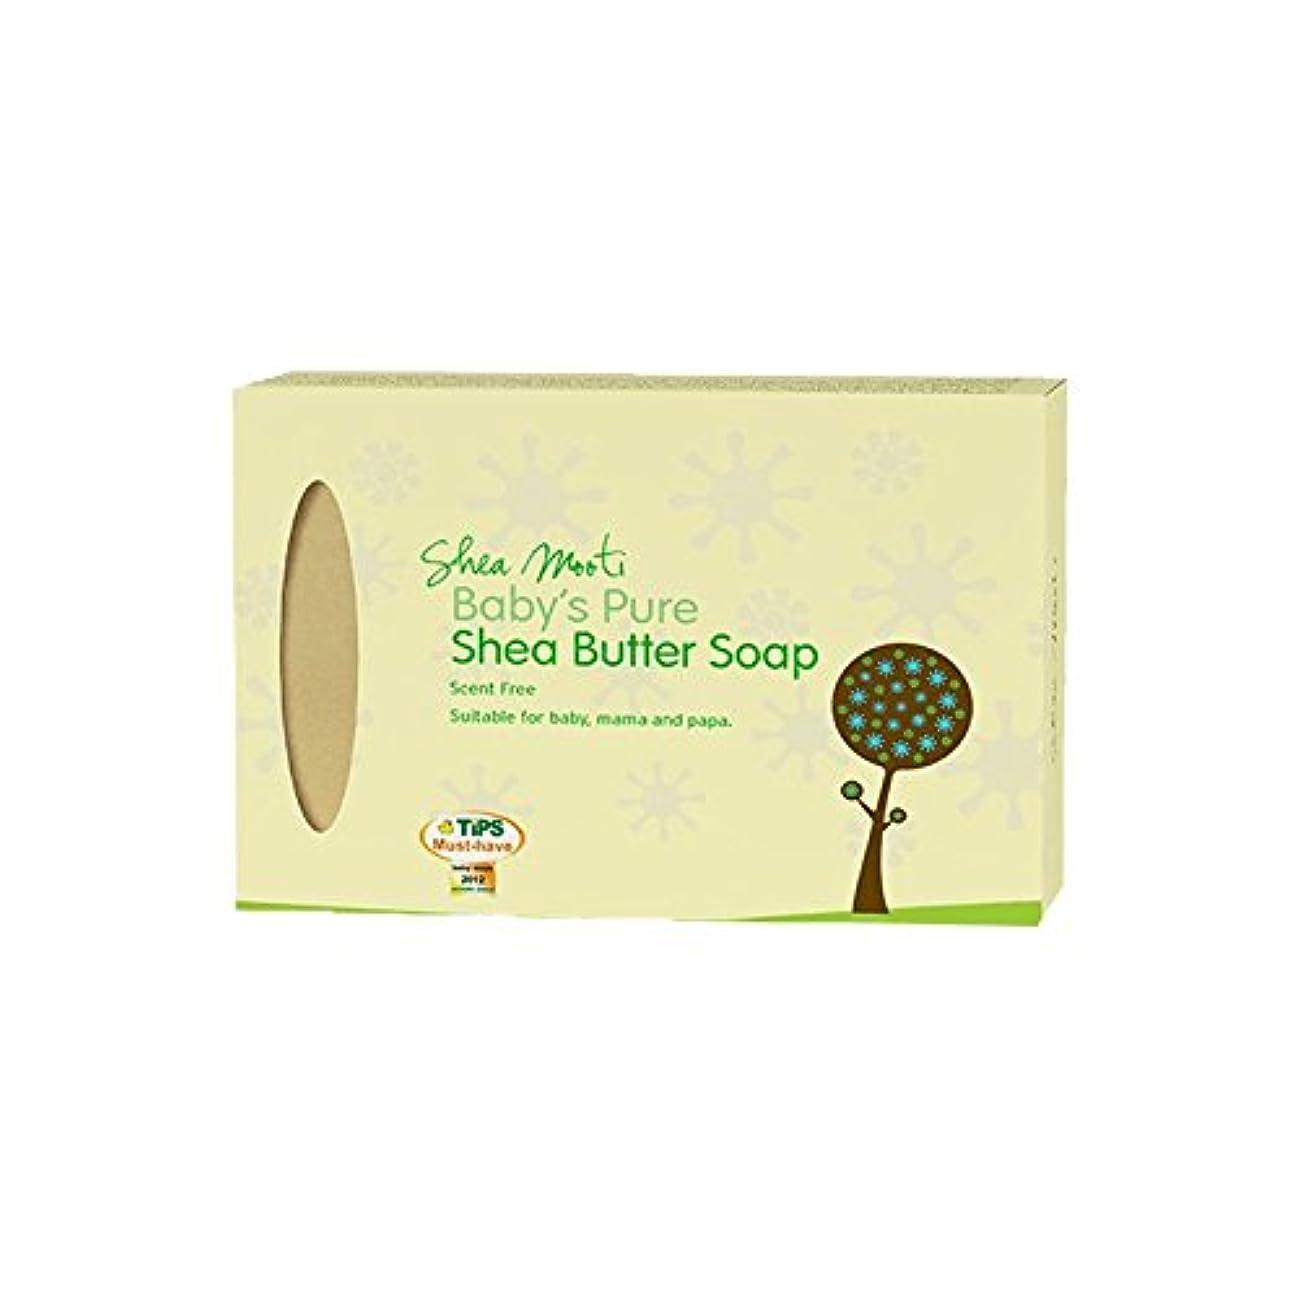 こだわりポルノクラッシュShea Mooti Baby's Pure Shea Butter Soap Unscented 250ml (Pack of 2) - シアバターMooti赤ちゃんの純粋なシアバターソープ無香250ミリリットル (x2...